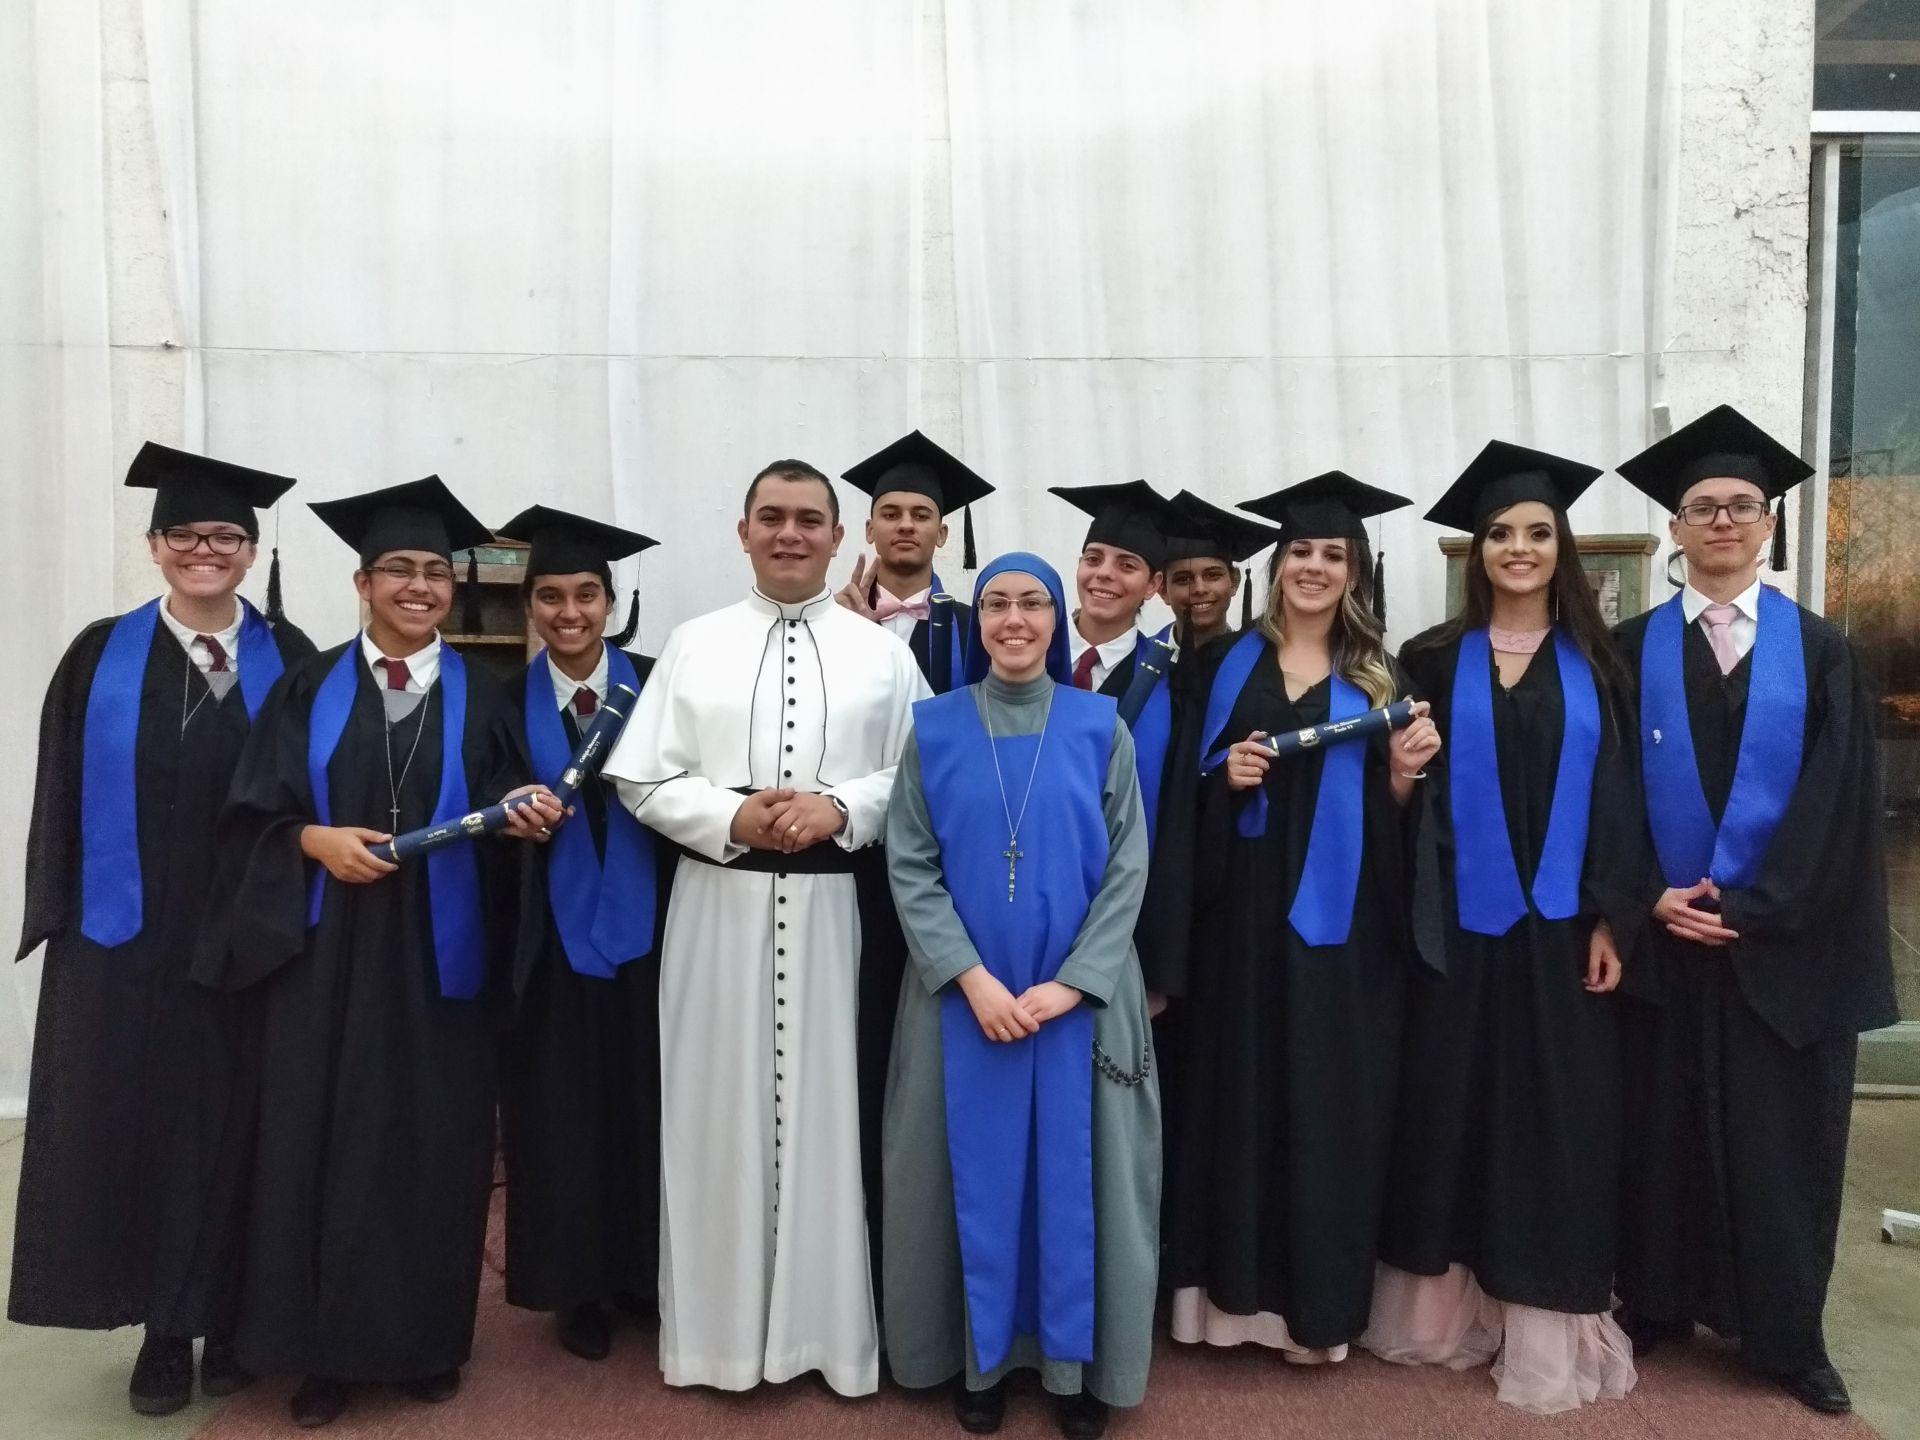 Os Diretores do Colégio Diocesano Paulo VI e os formandos da 3ª série do Ensino Médio